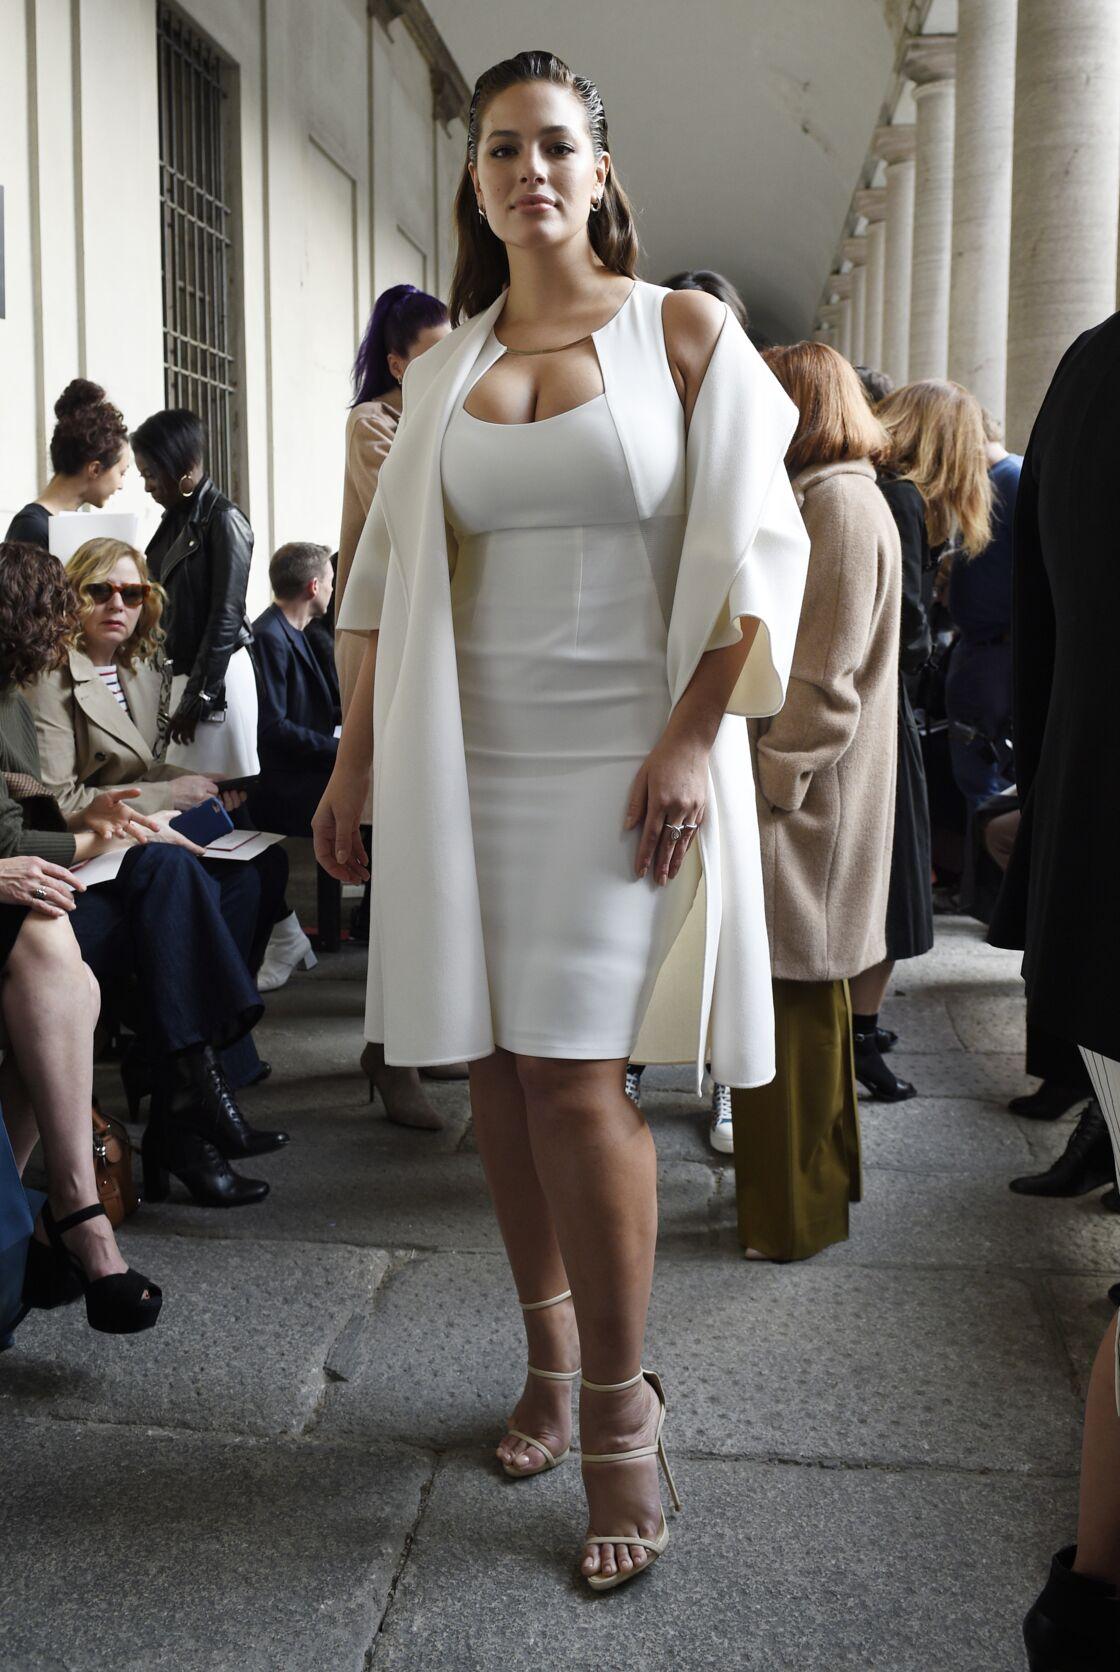 Ashley Graham ambassadrice emblématique de la décennie 2010, proche de la marque non seulement en termes de silhouette, mais aussi et surtout en termes de valeurs